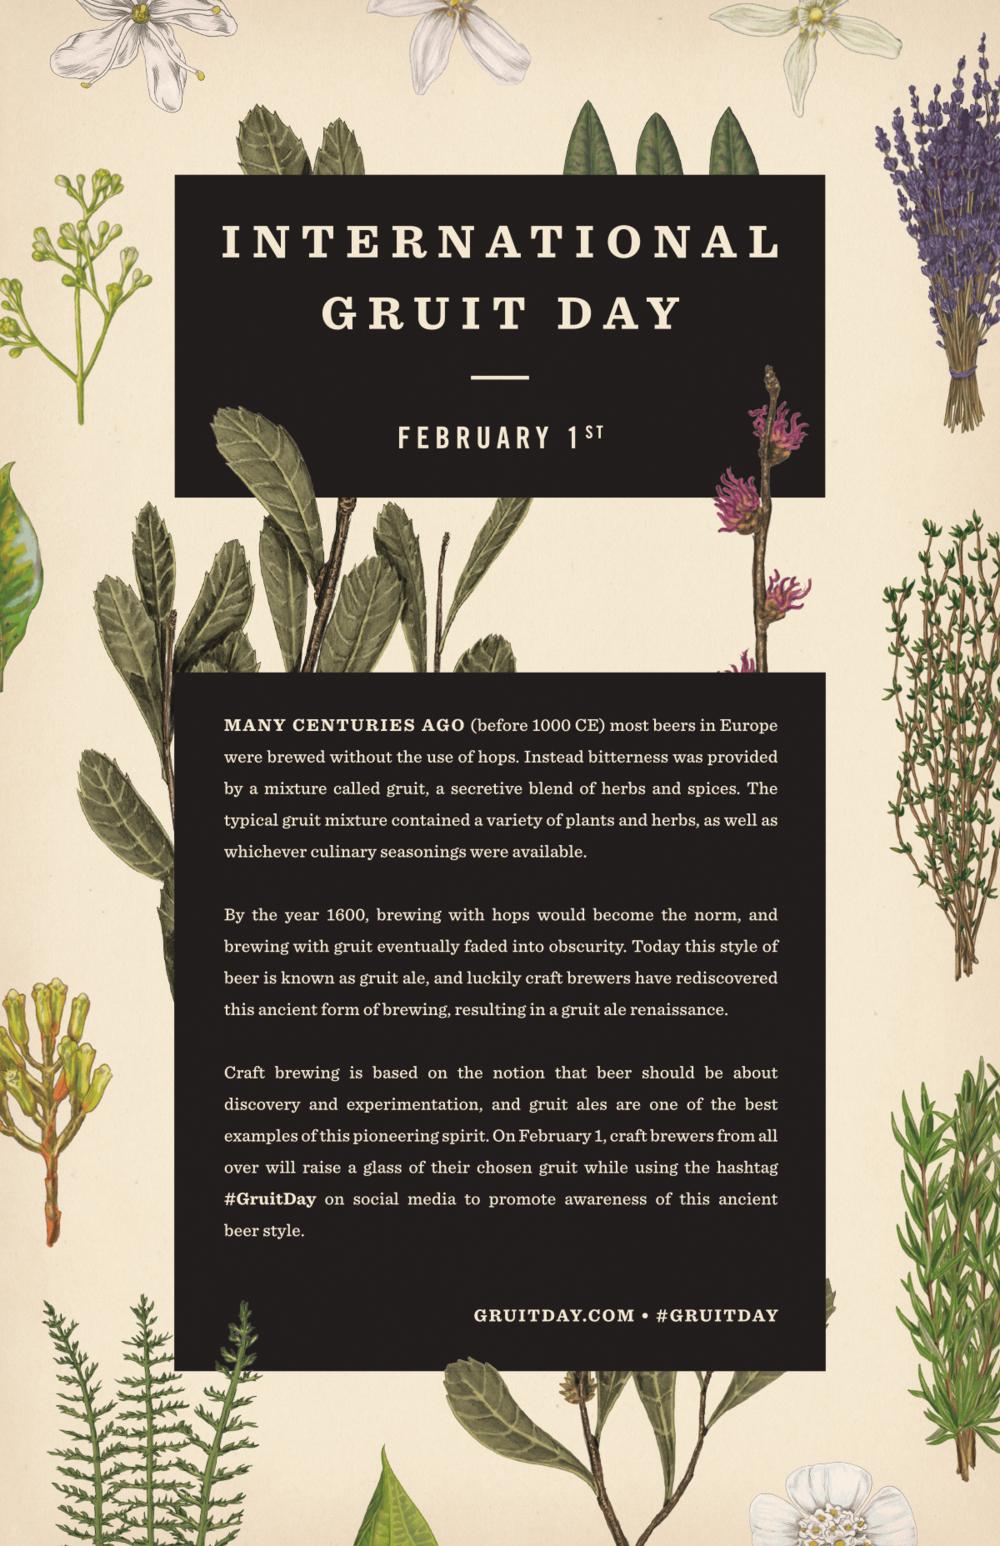 intl-gruit-day-poster-pr.png